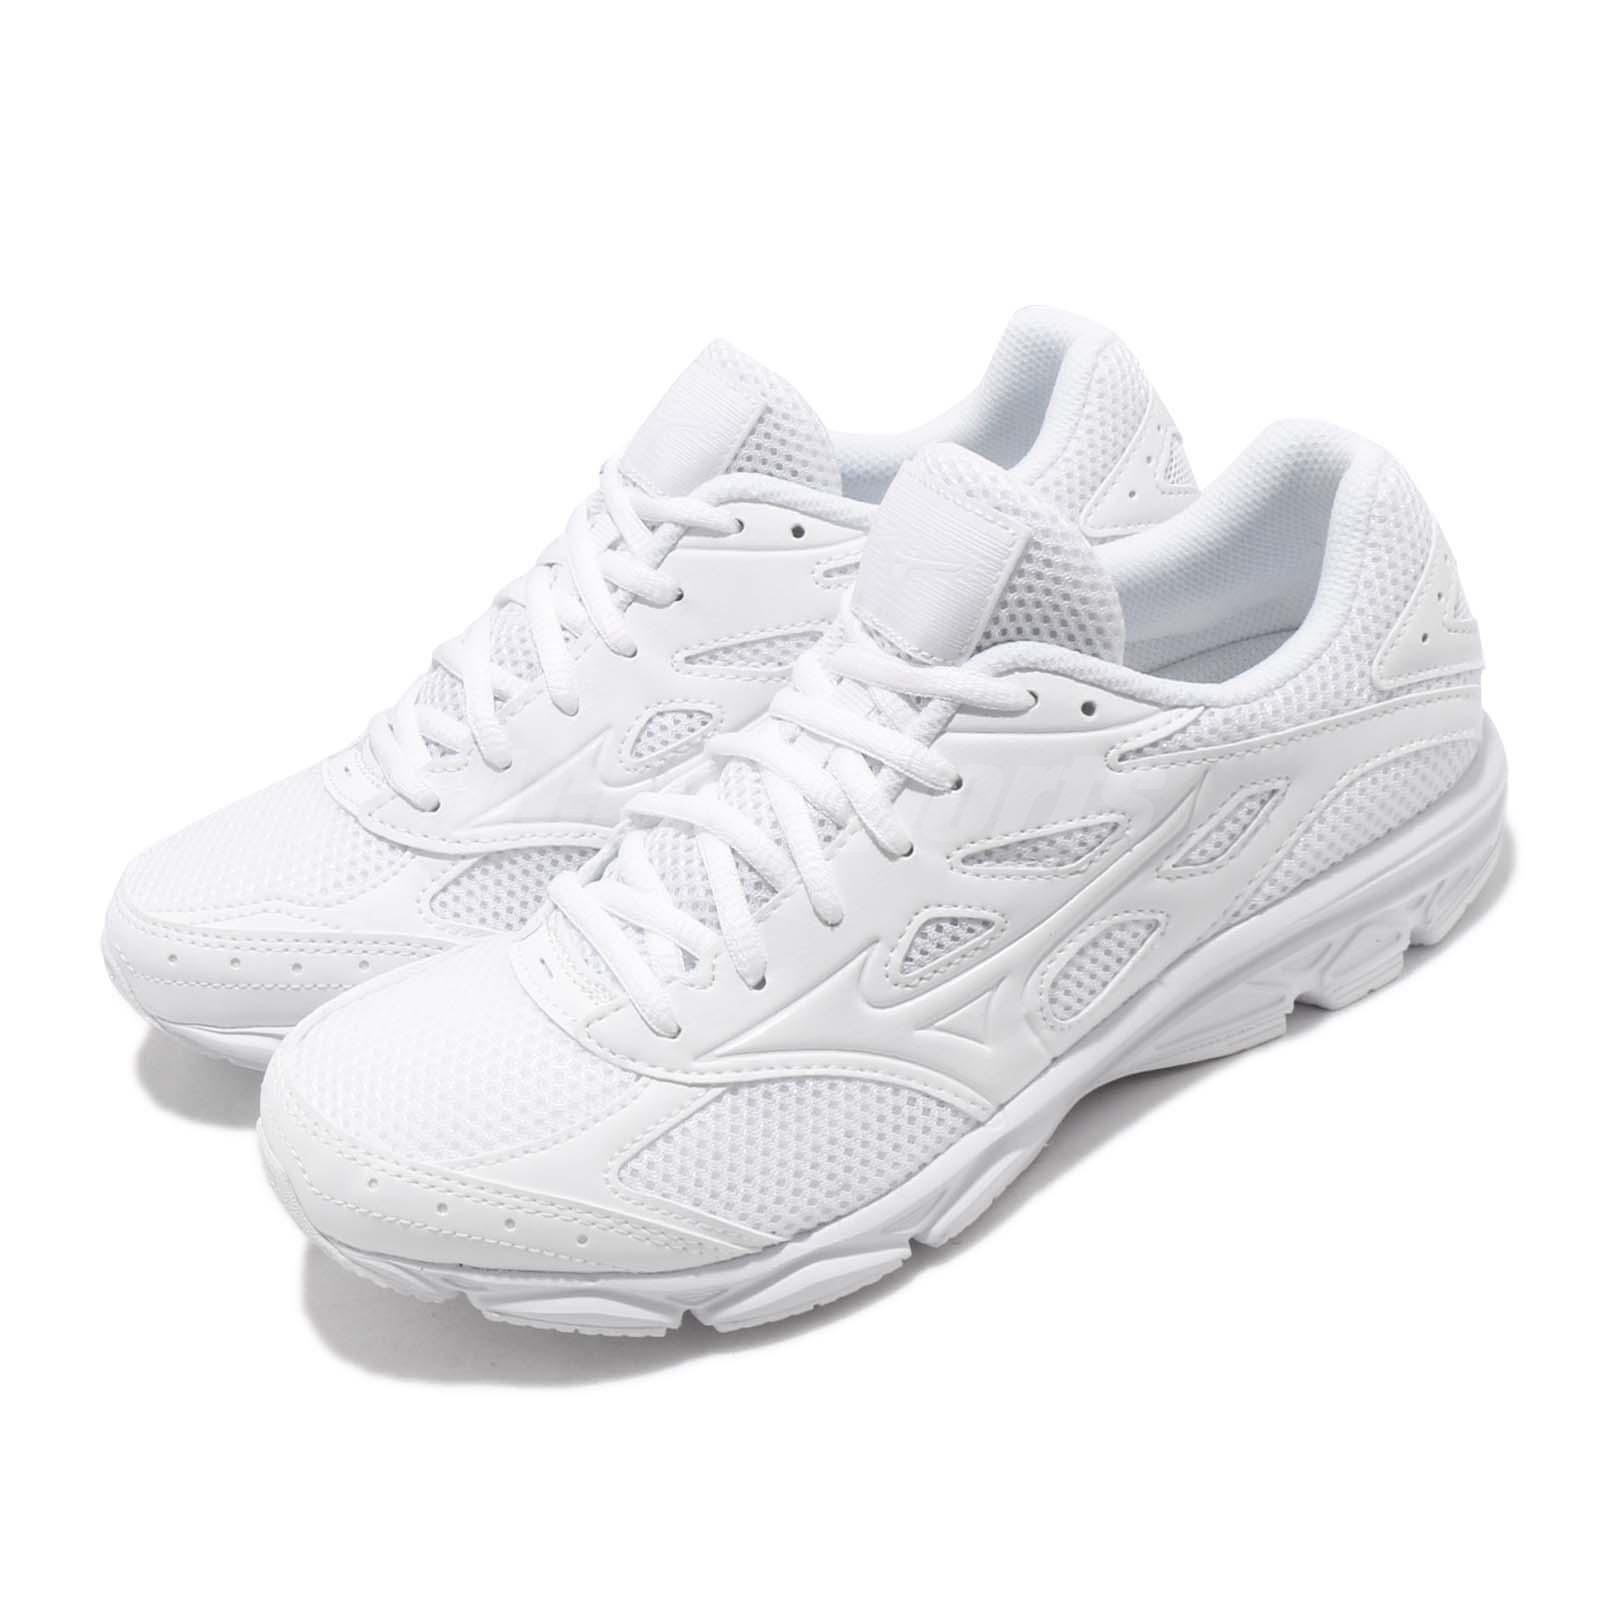 Mizuno Maximizer  21 amplia triple hombres blancoos Corriendo Zapatos TENIS K1GA1902-01  todos los bienes son especiales